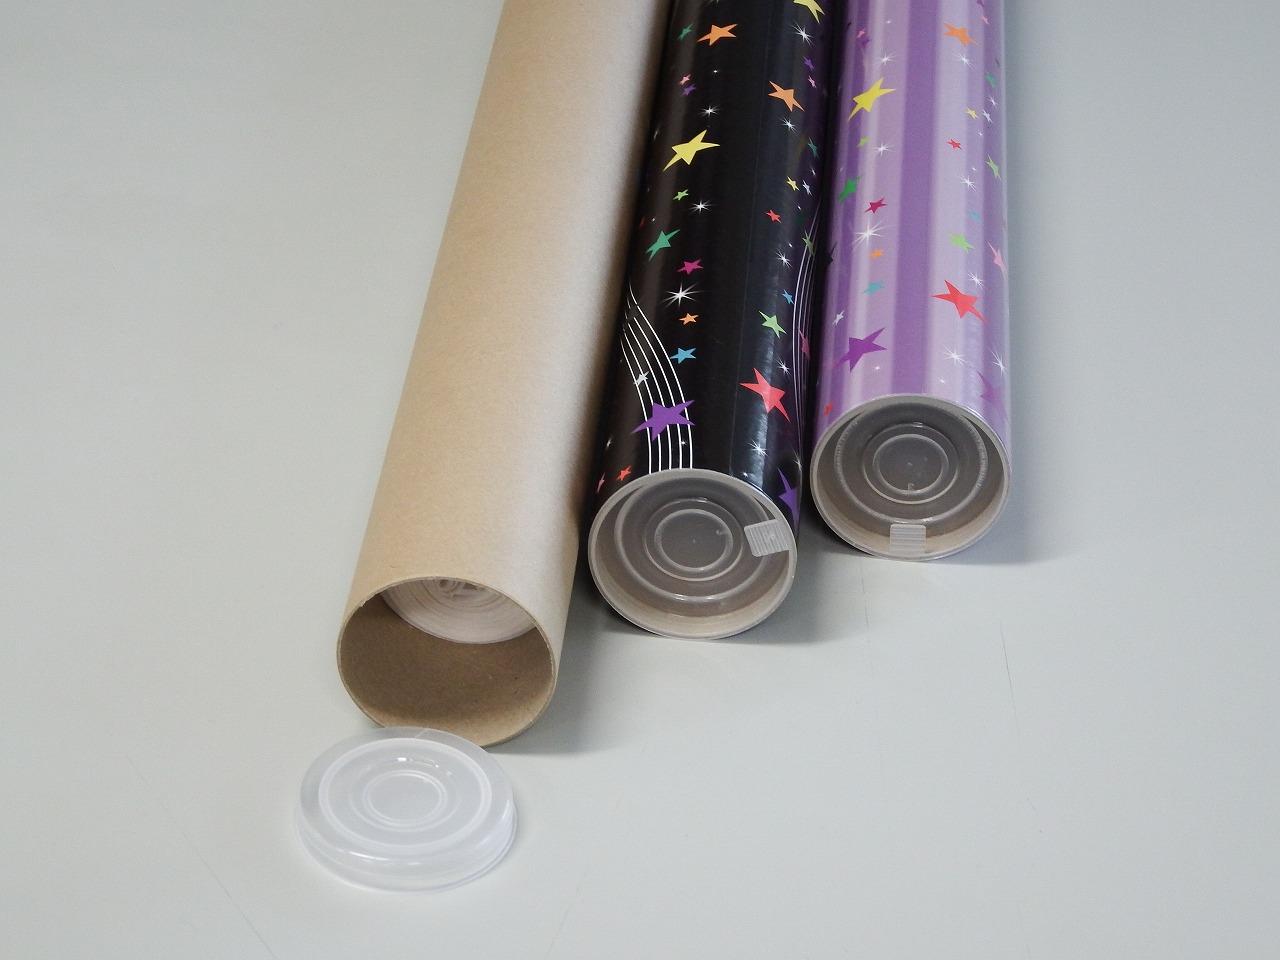 ポスター用キャップ付き紙管